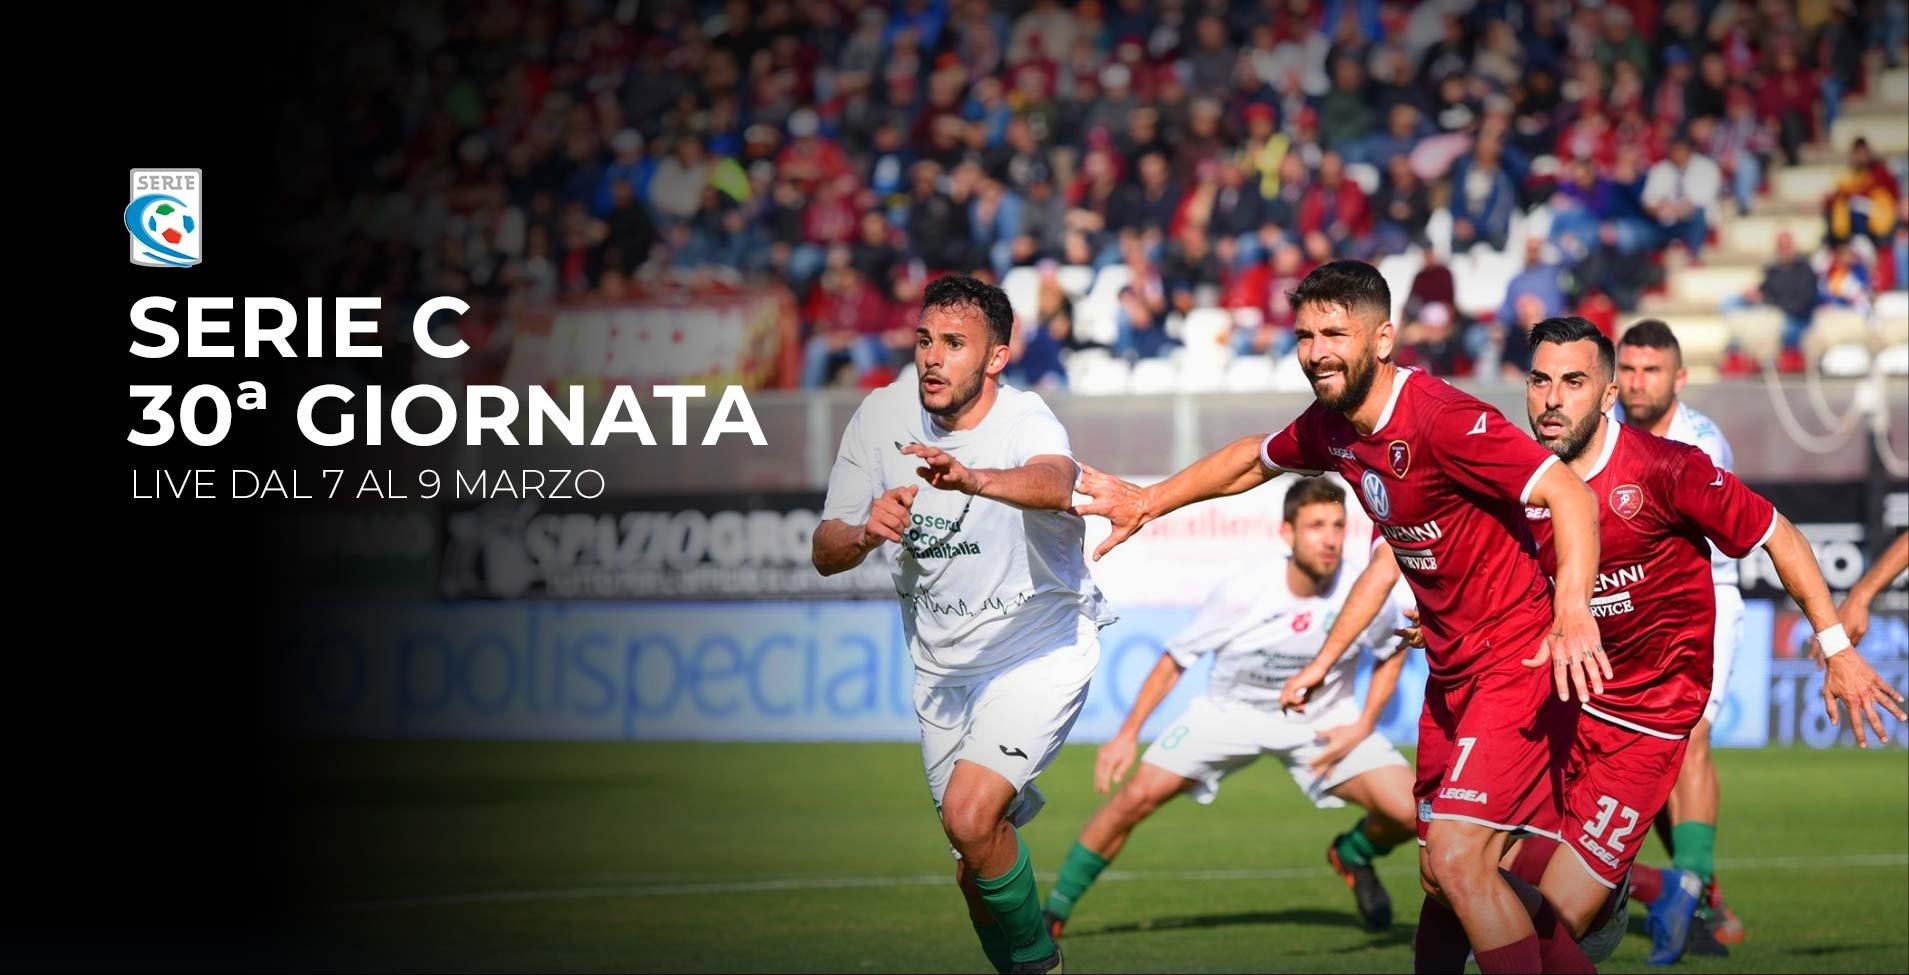 Serie C TV, 30a Giornata  - Programma e Telecronisti Eleven Sports